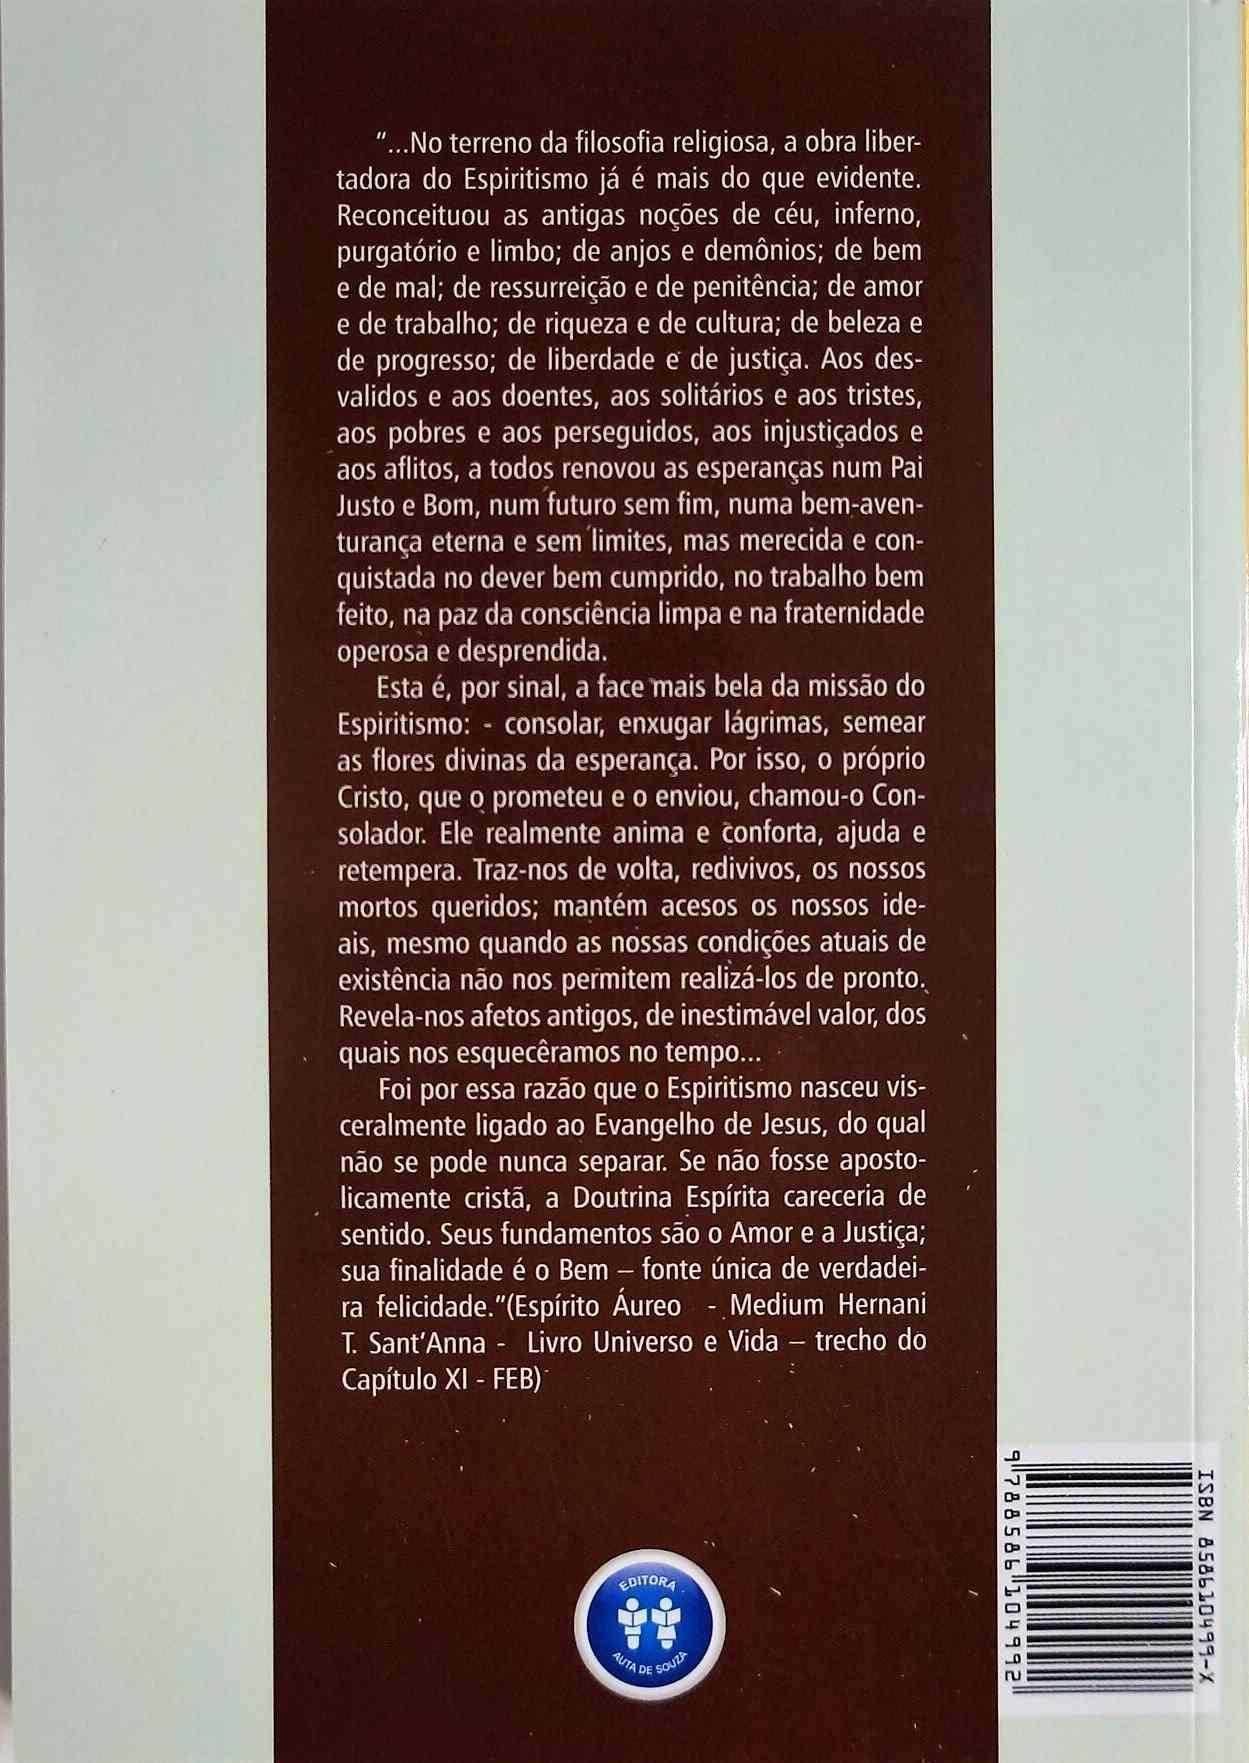 EVANGELHO AUTA DE SOUZA - VERSÃO ECONÔMICA